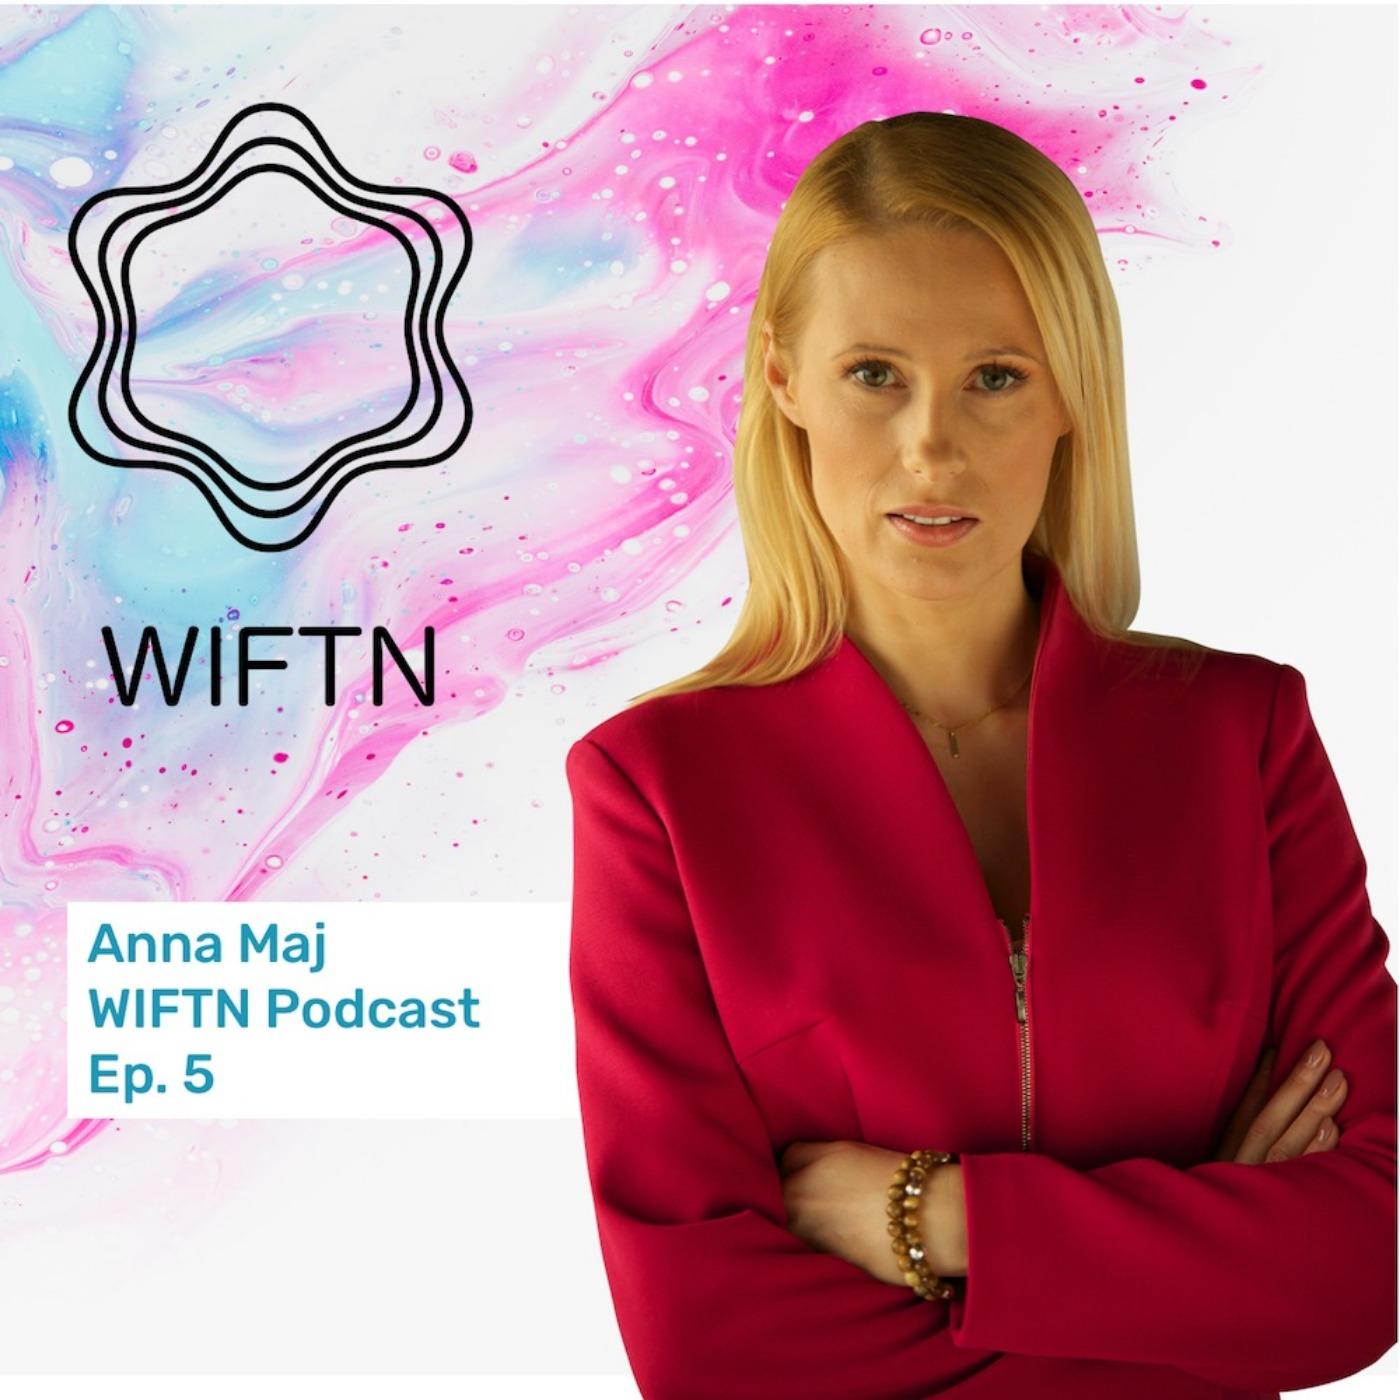 Episode 5: Anna Maj